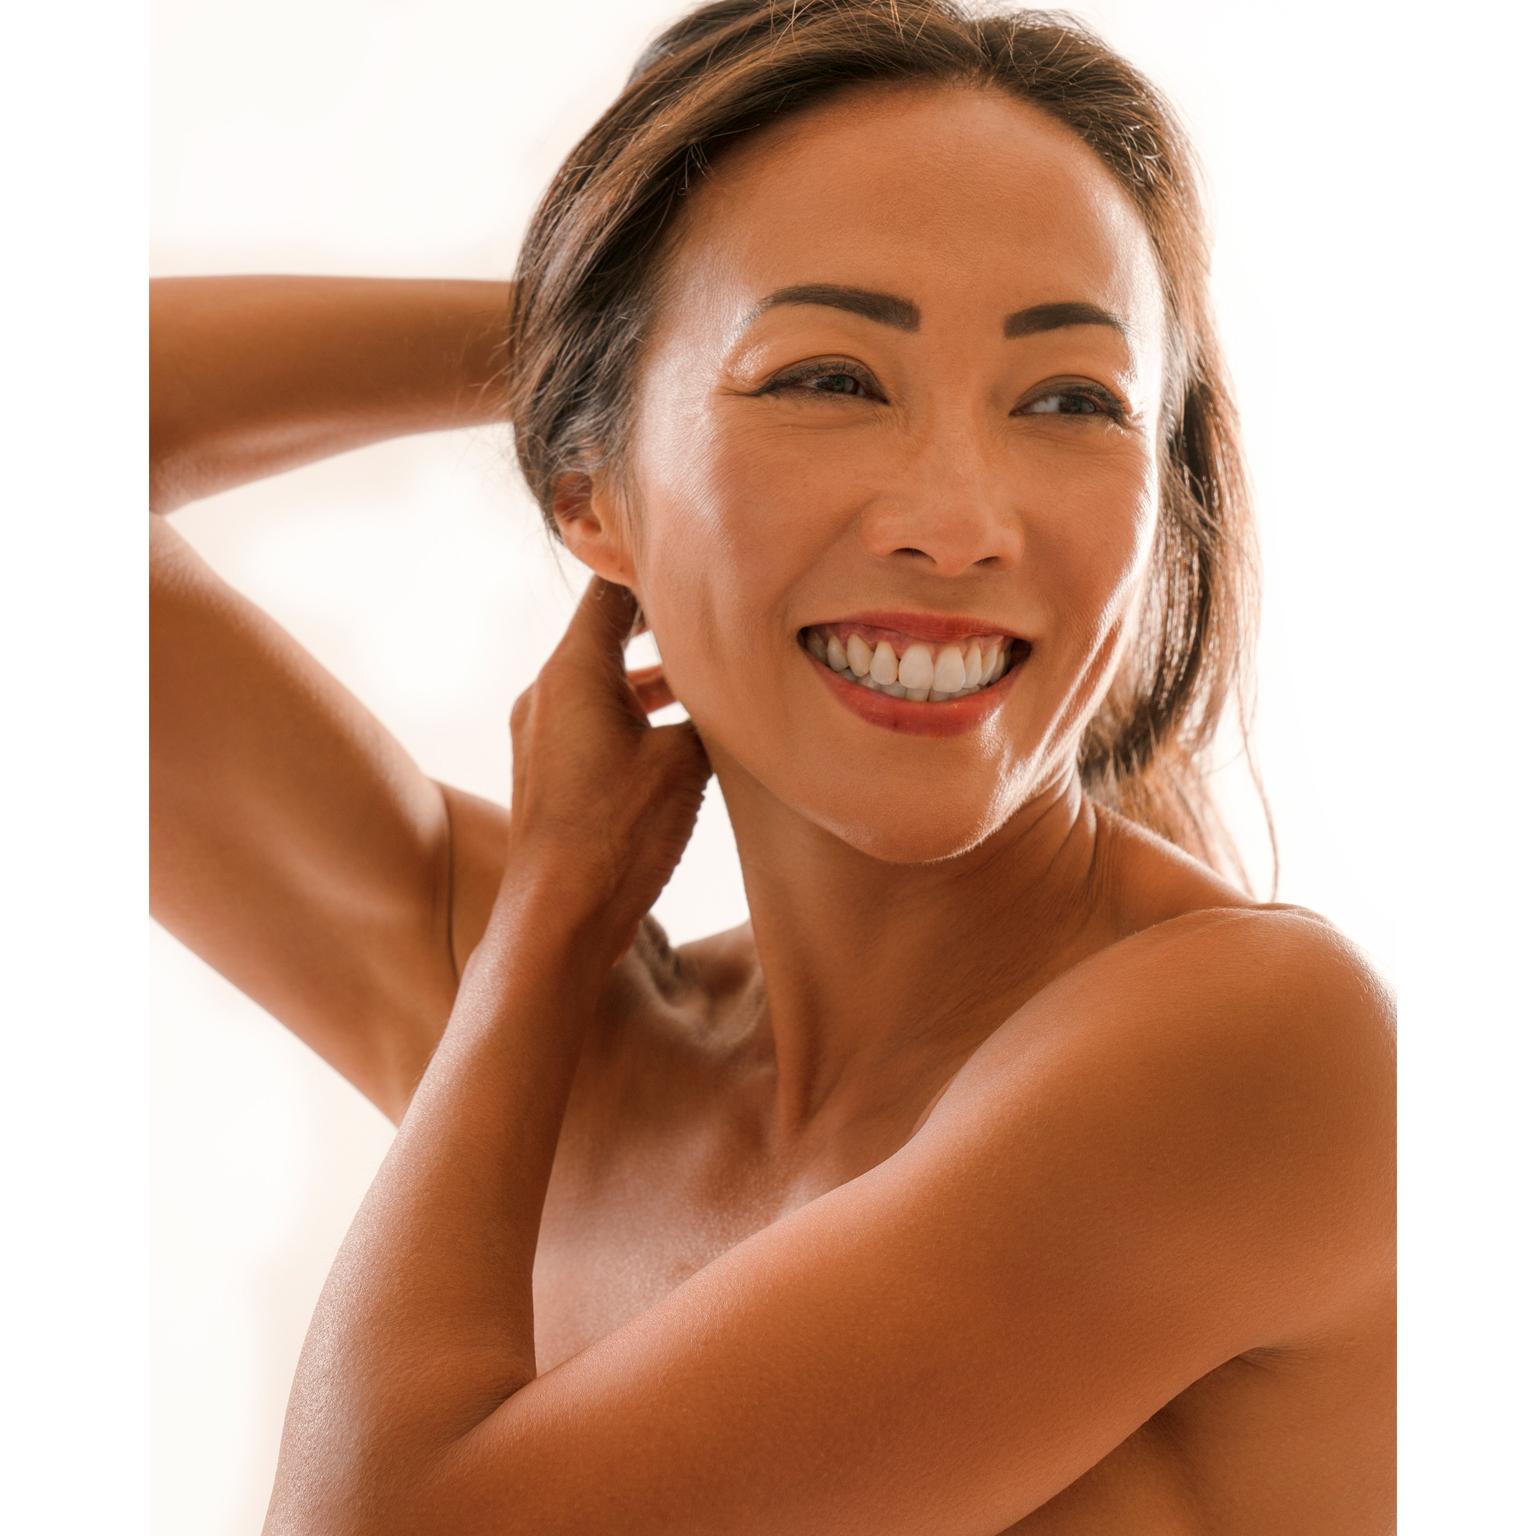 Toronto-Fitness-Model-Agency-Beauty-Portrait-Virginial-Lee